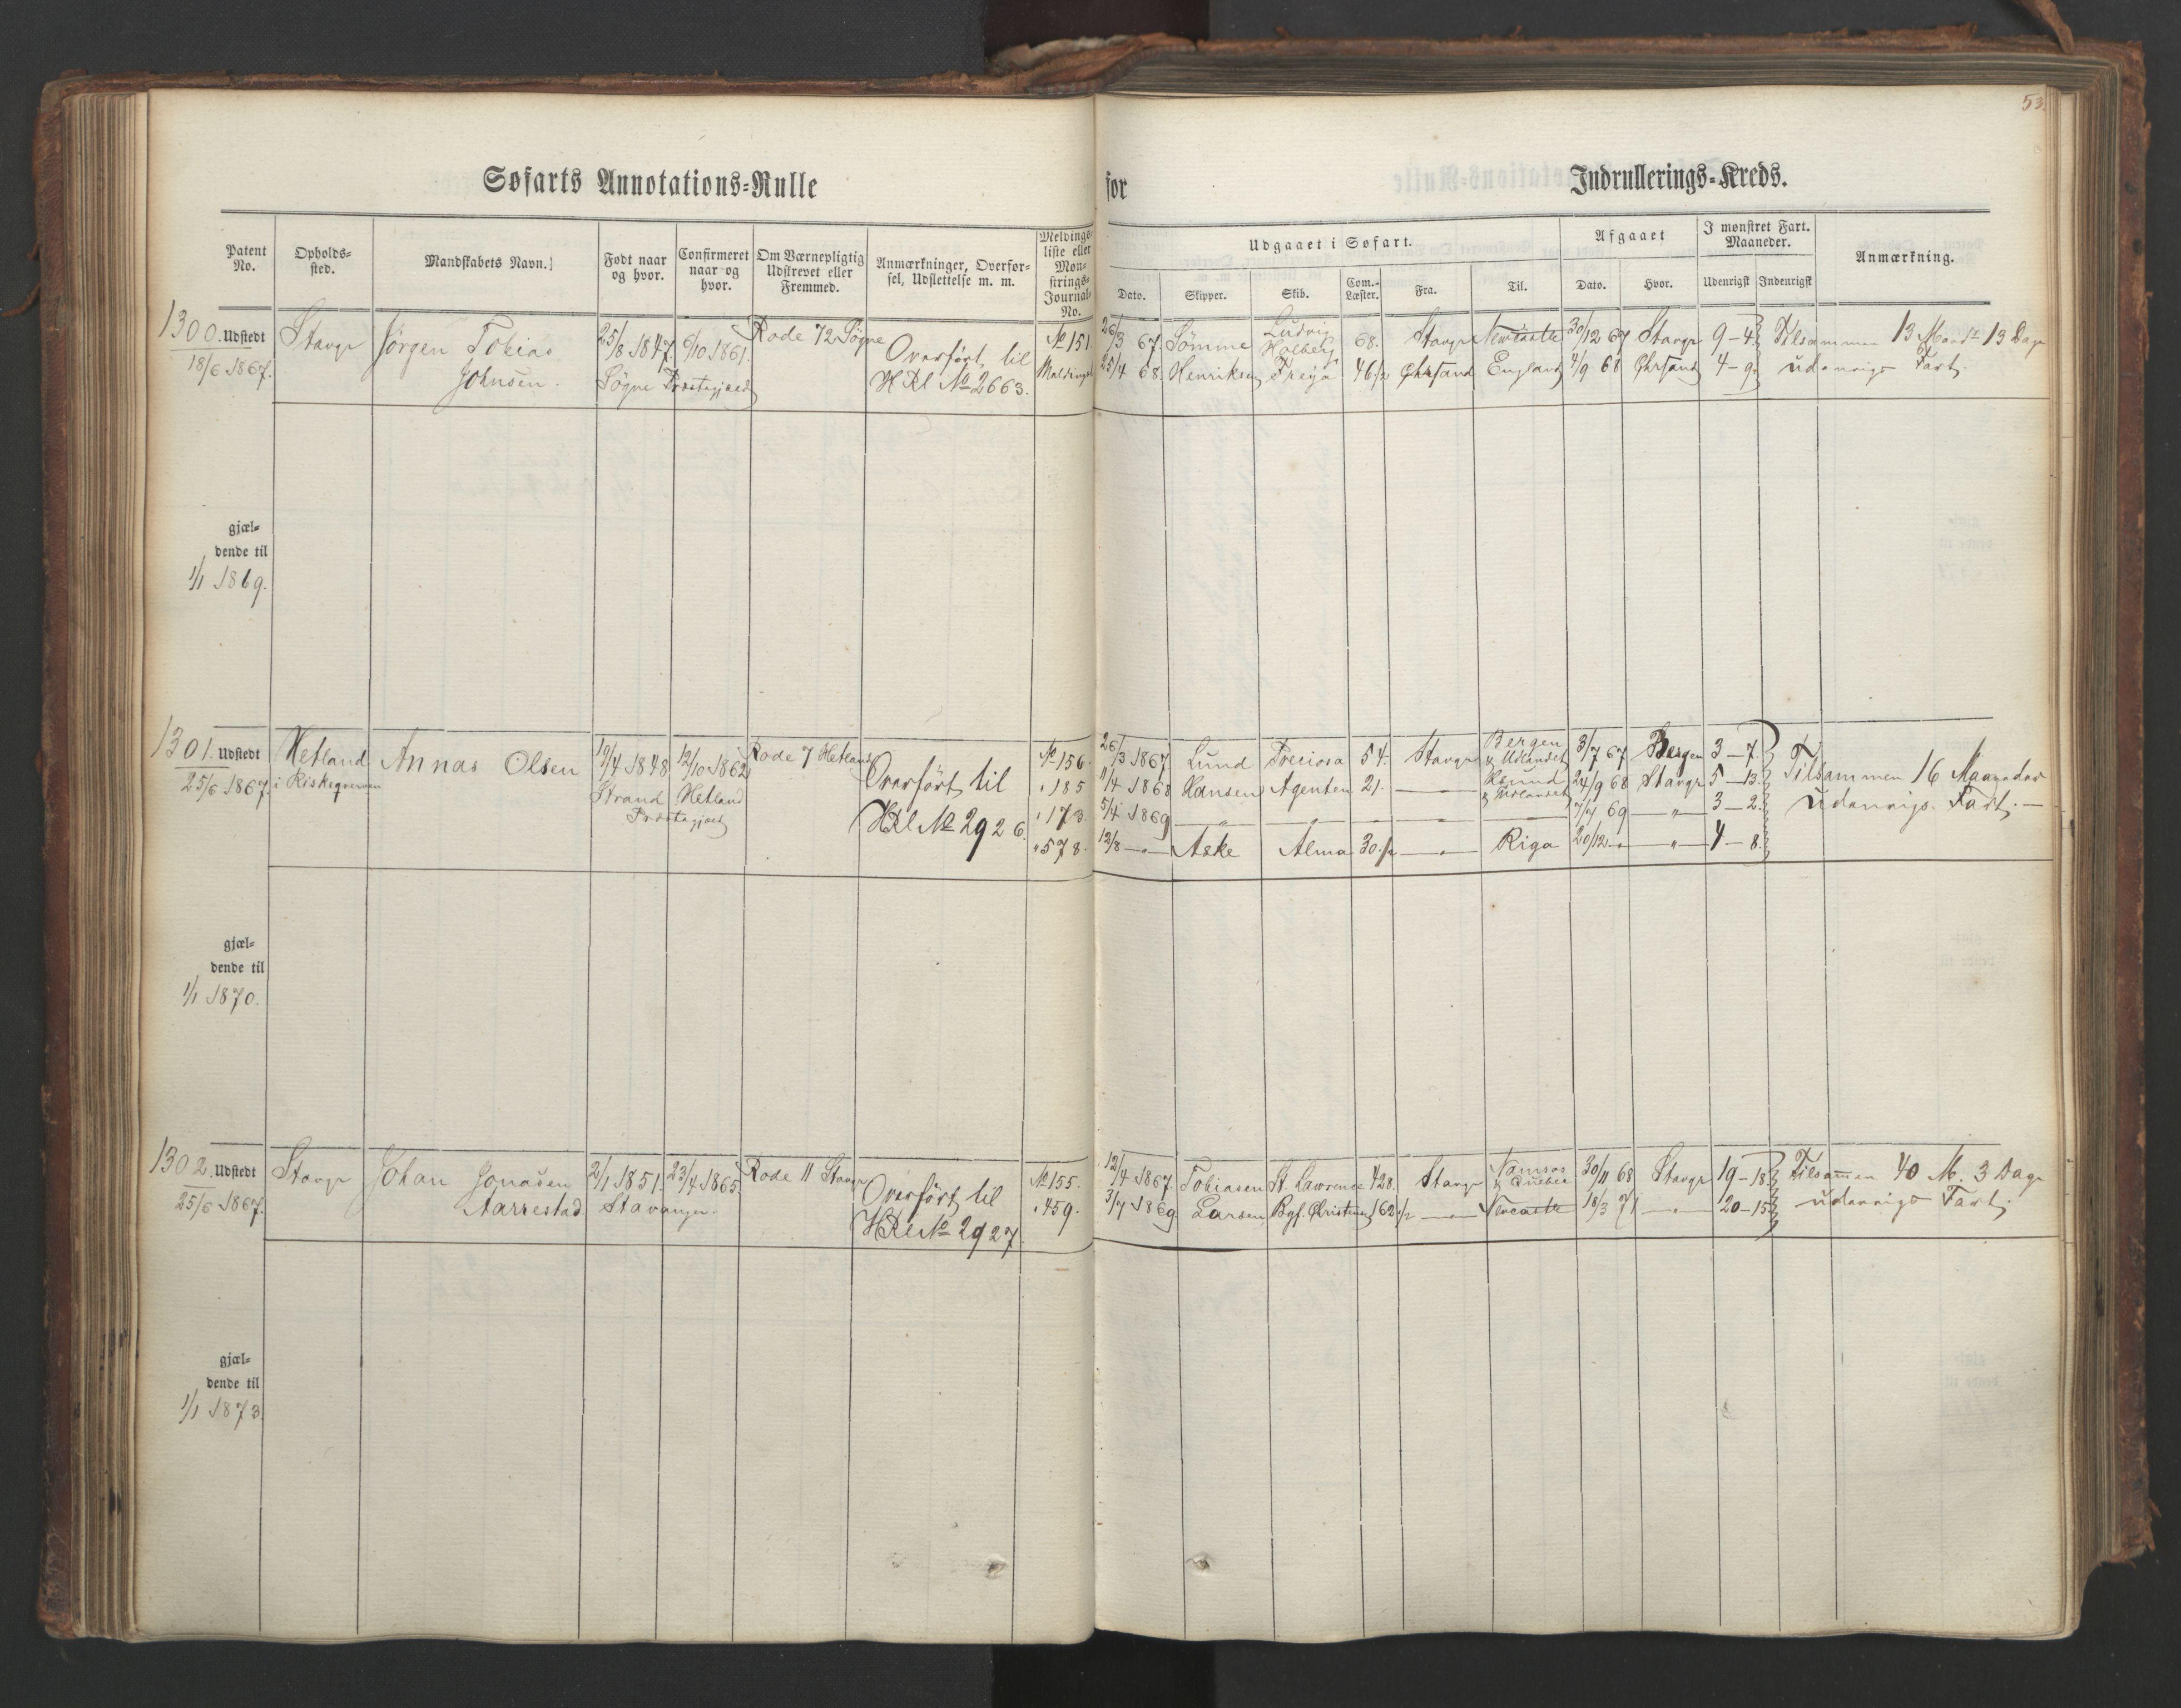 SAST, Stavanger sjømannskontor, F/Ff/L0003: Annotasjonsrulle, patentnr. 1144-1761, 1866, s. 64